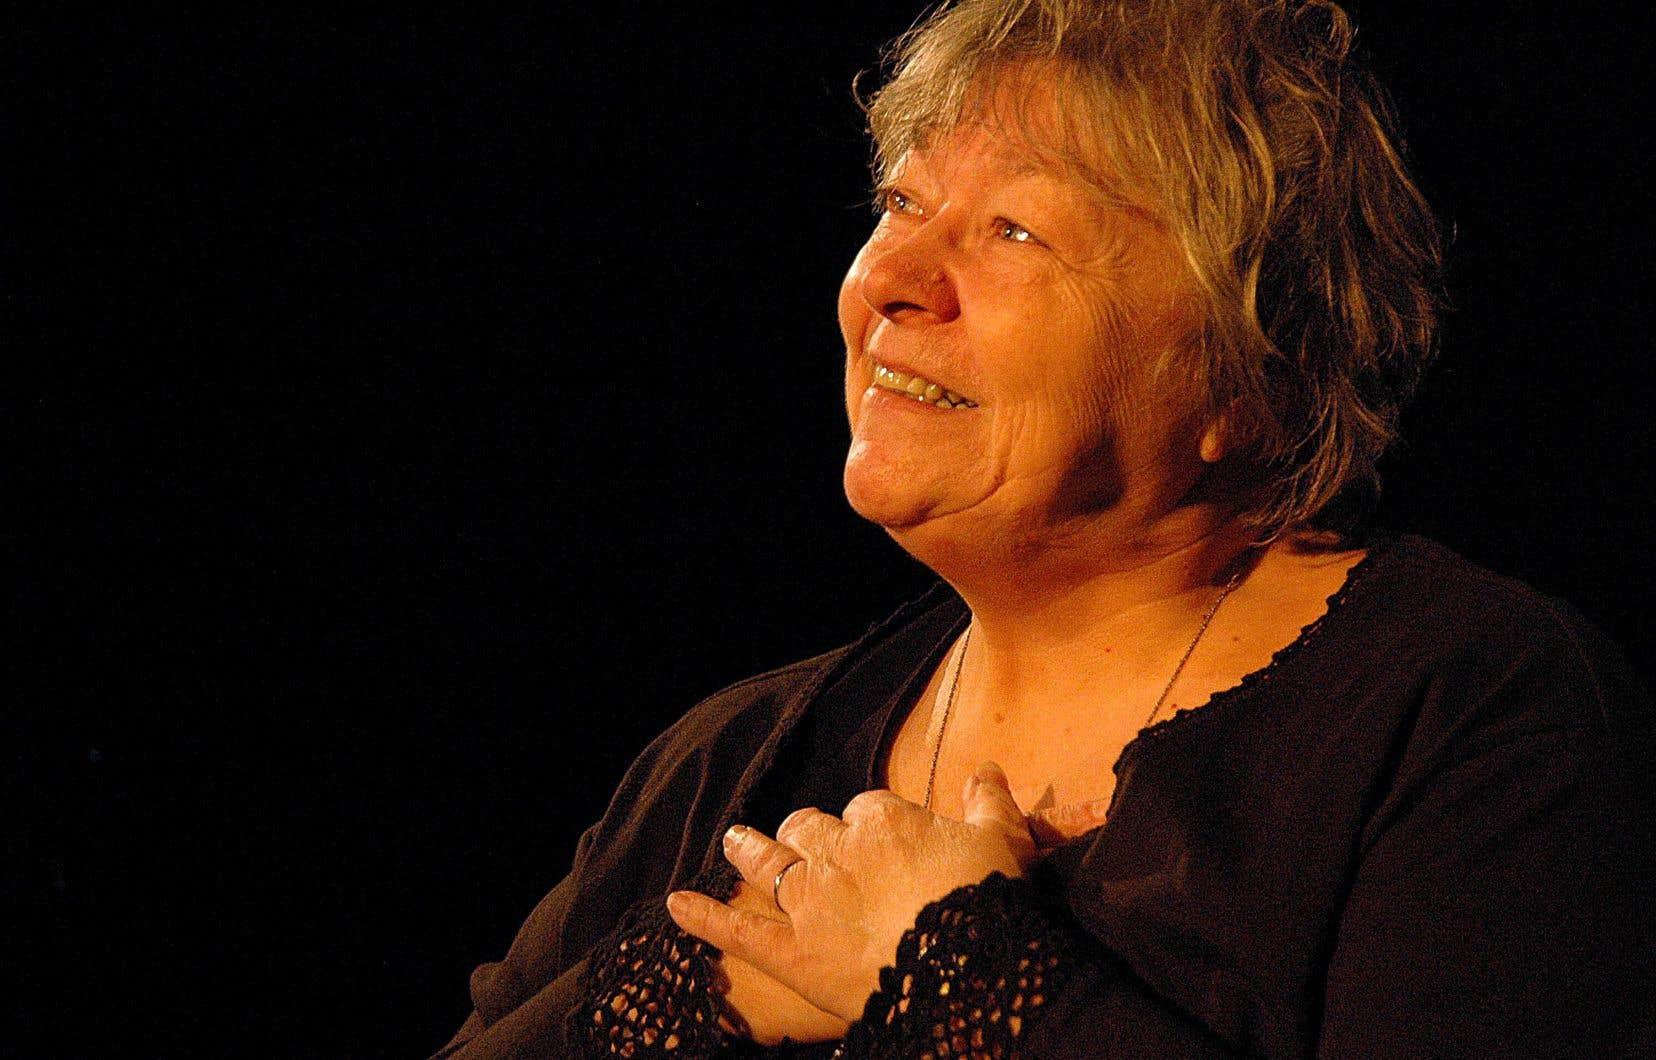 La comédienne France Arbour sur la scène du théâtre La Licorne lors de la représentation de la pièce «Je vous souhaite de passer une agréable soirée», en 2008